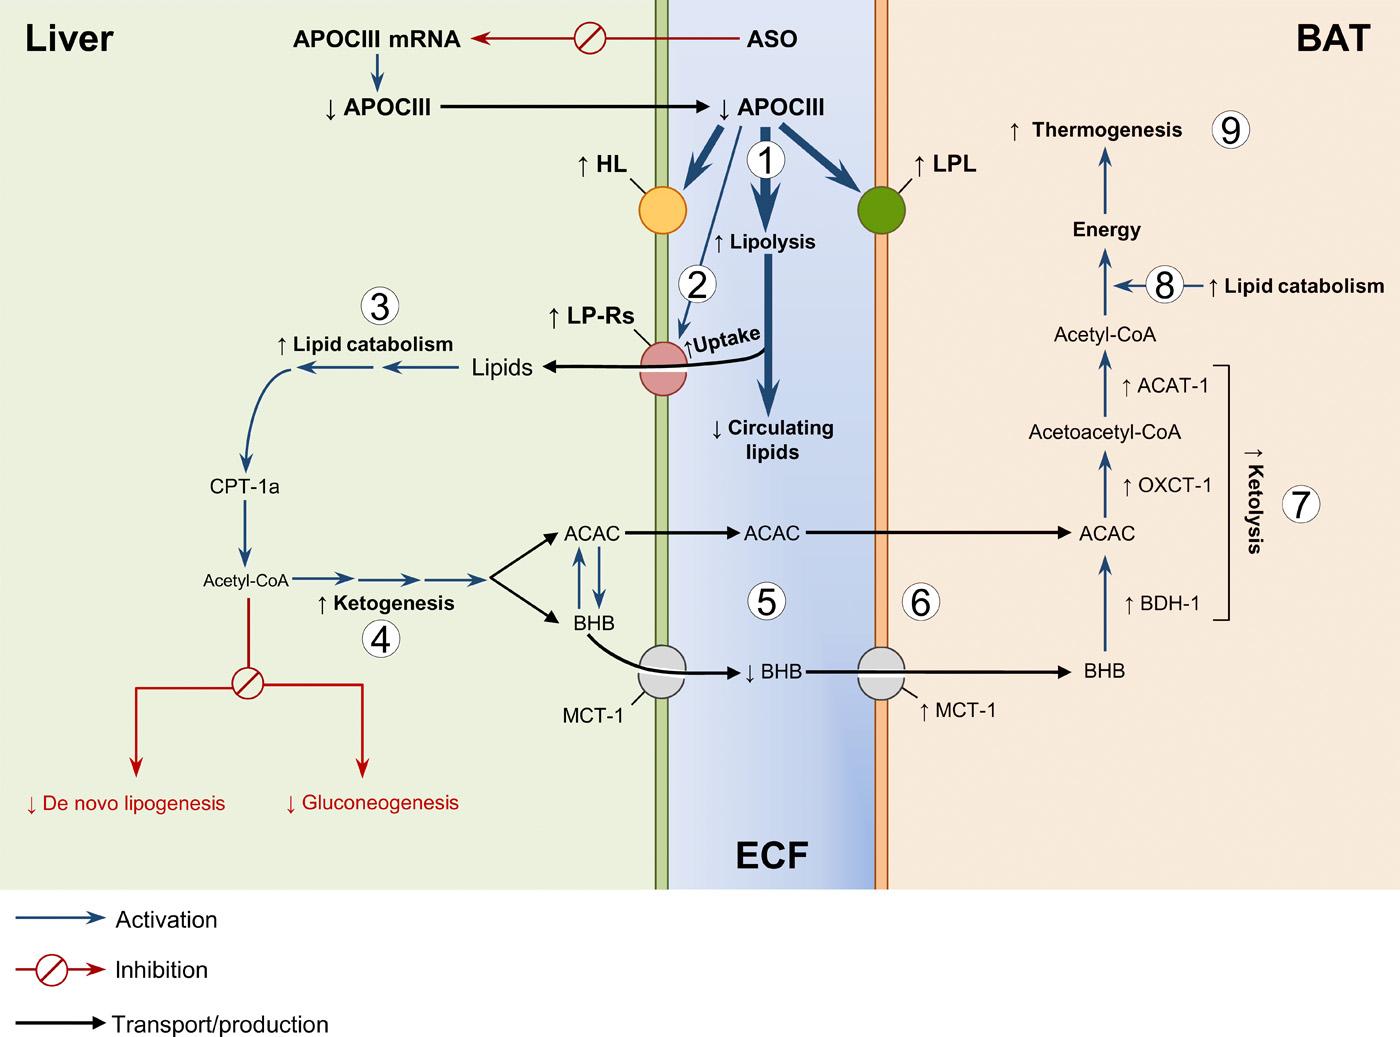 Снижение аполипопротеина С3 улучшает резистентность к инсулину